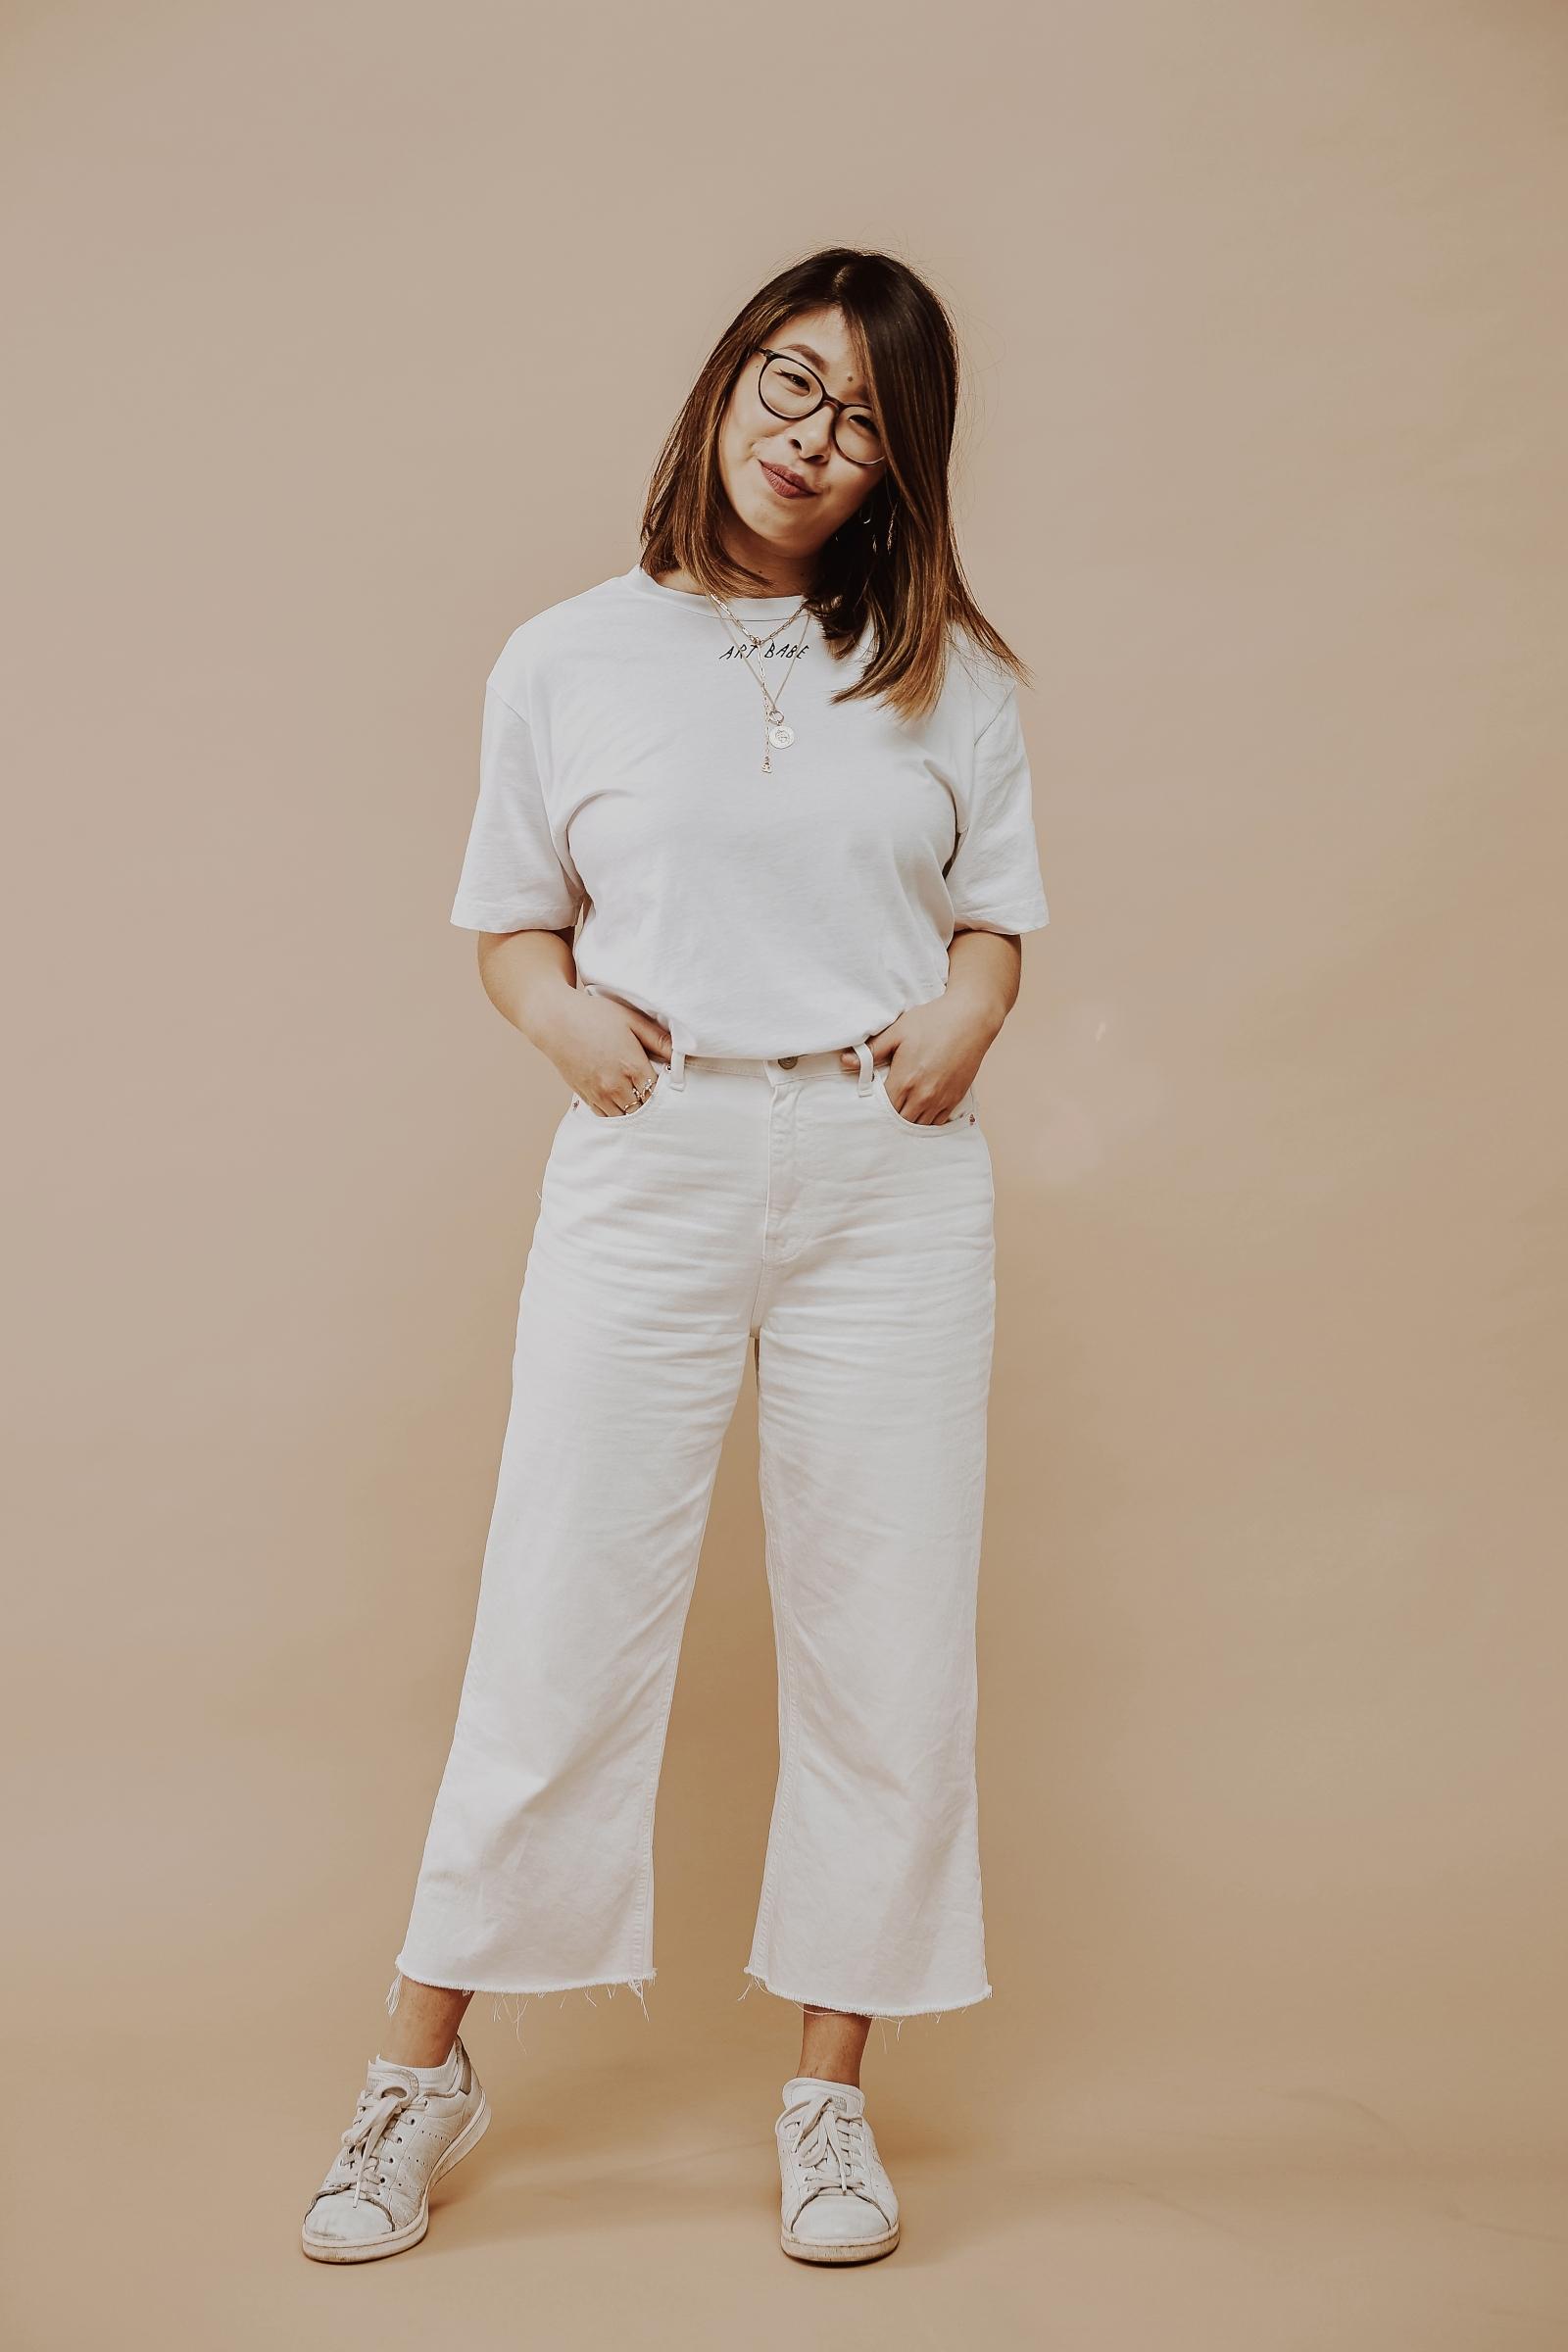 inhighfashionlaune | Jeans Giuide: die perfekten Jeans für kleine Frauen